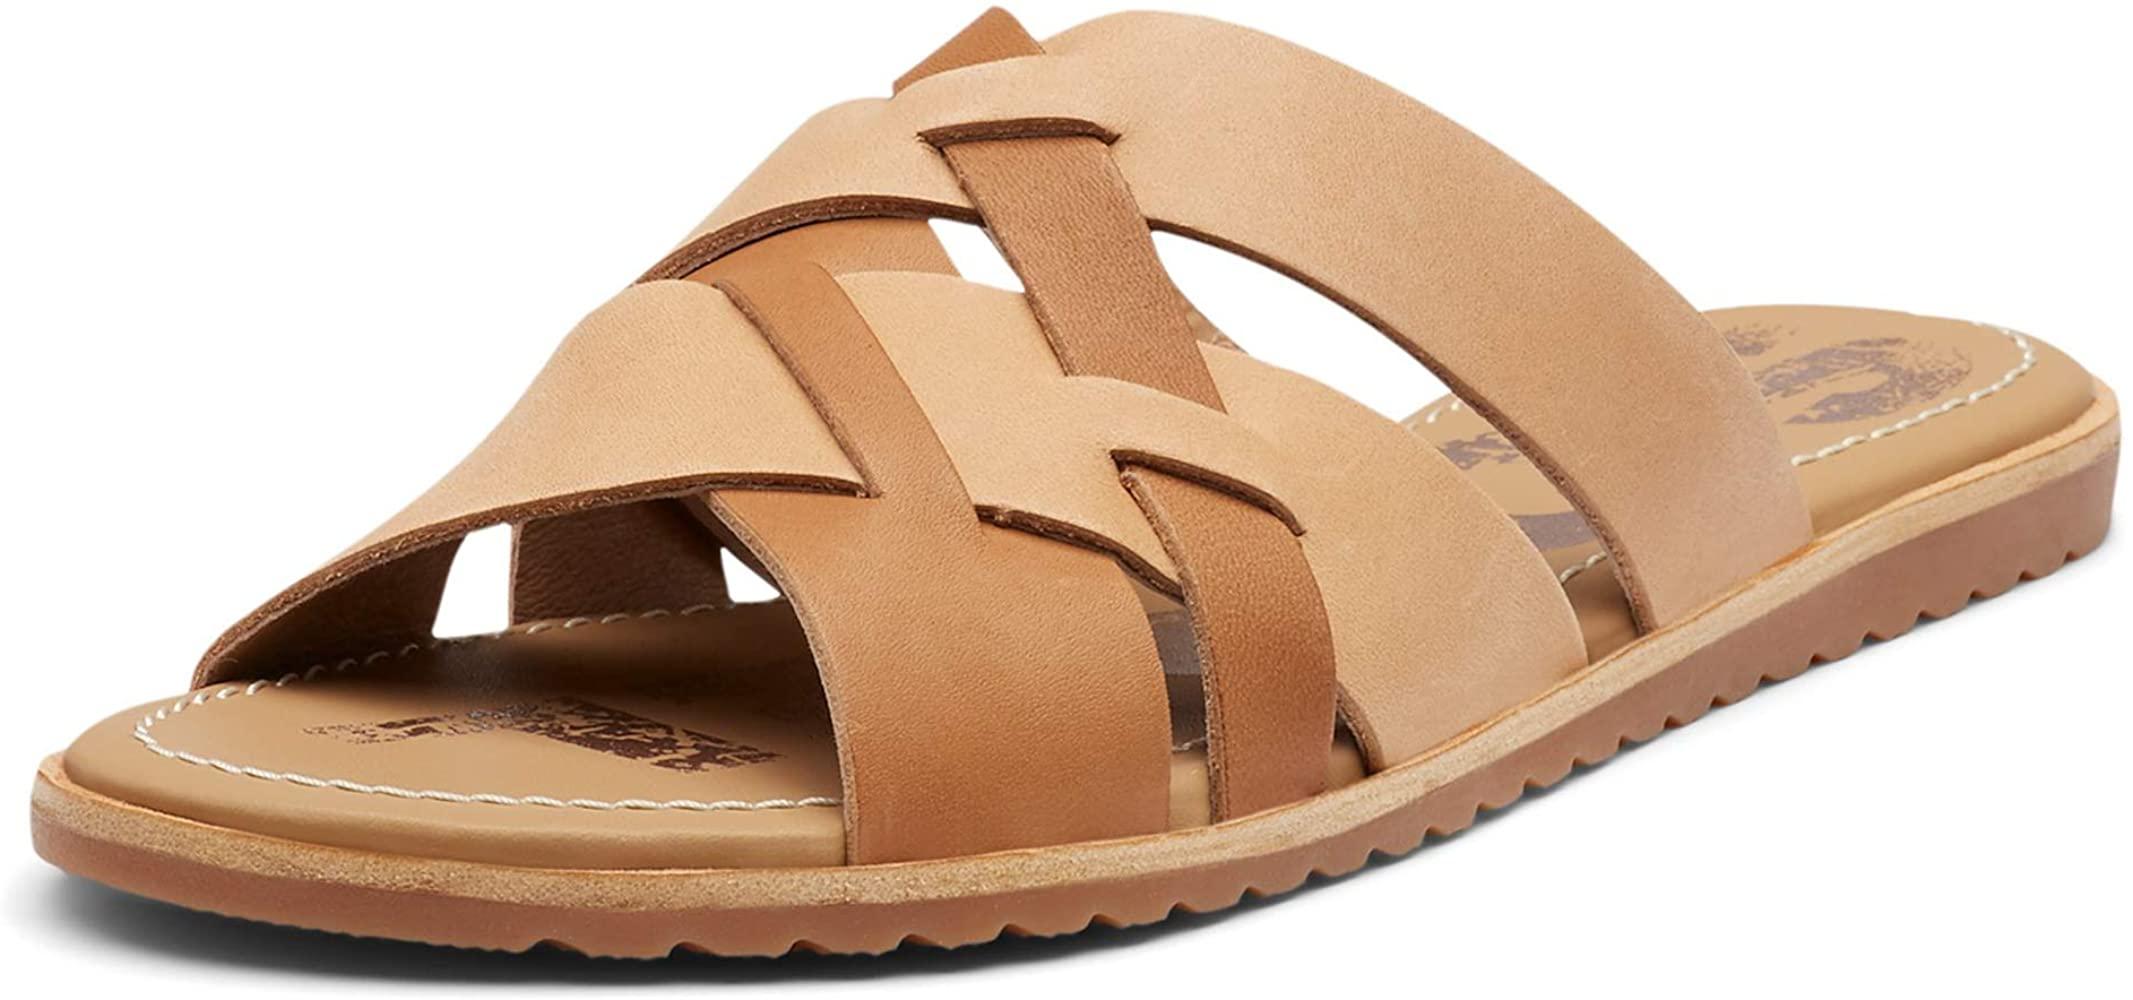 nude-sandals-sorel-ella